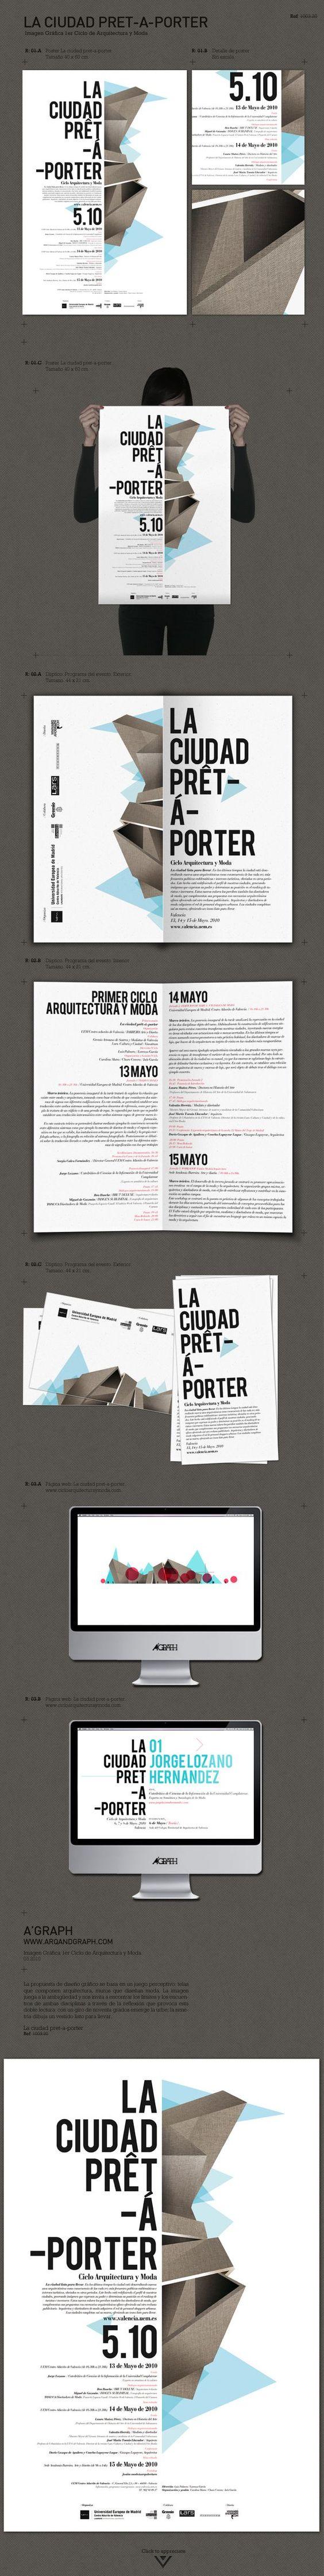 La ciudad prêt-á-porter by Estudio AGraph , via Behance